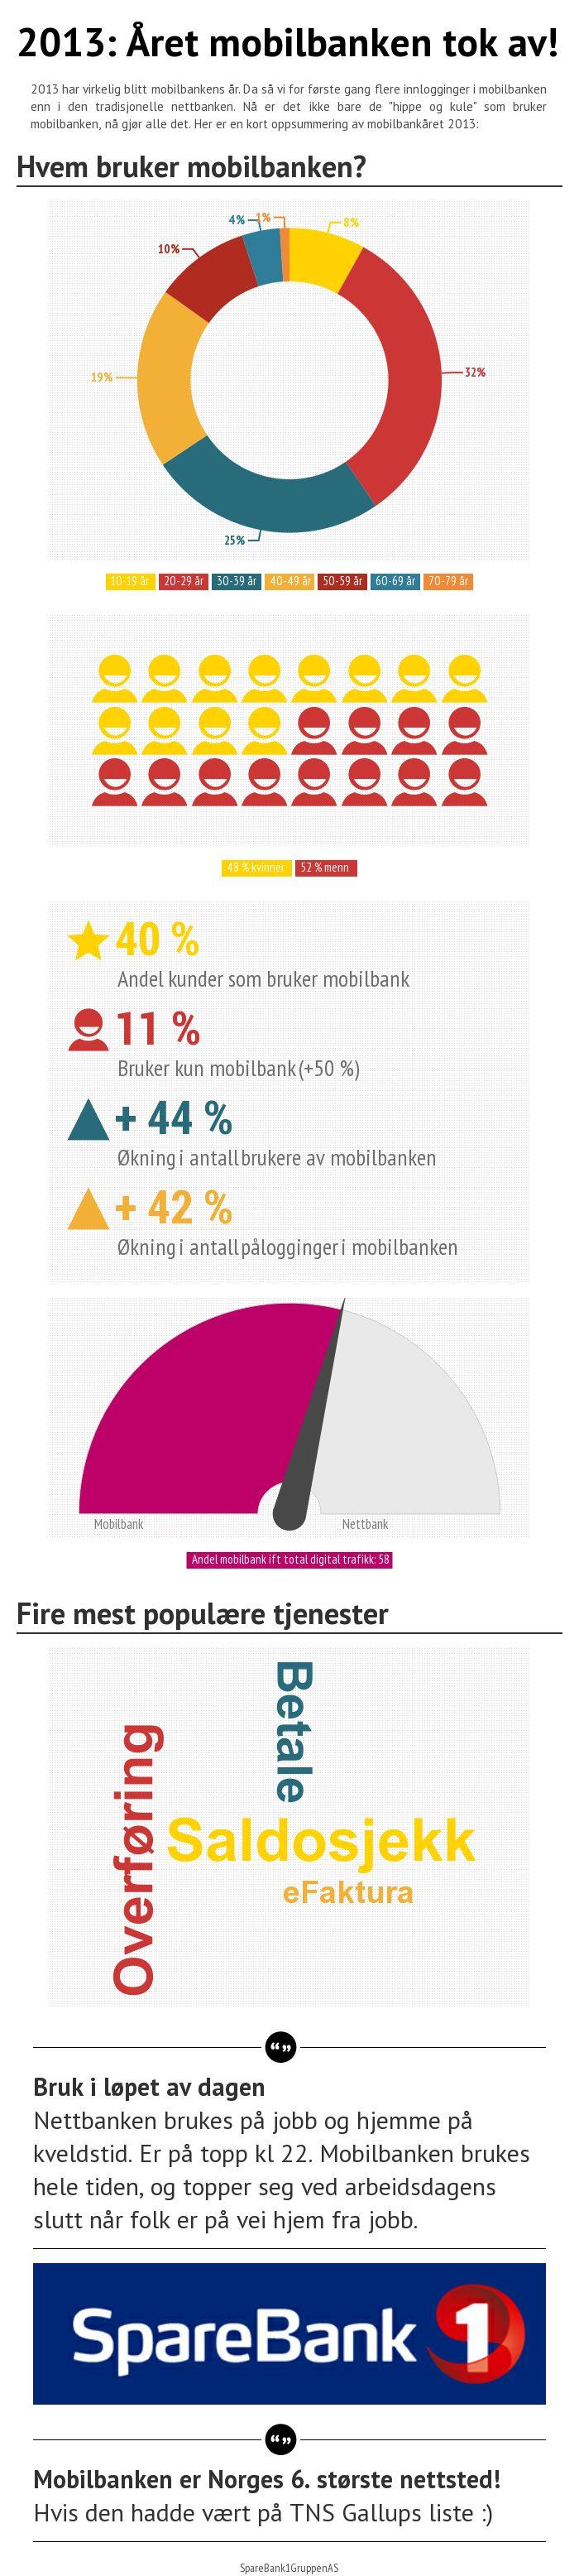 Mobilbanken 2013